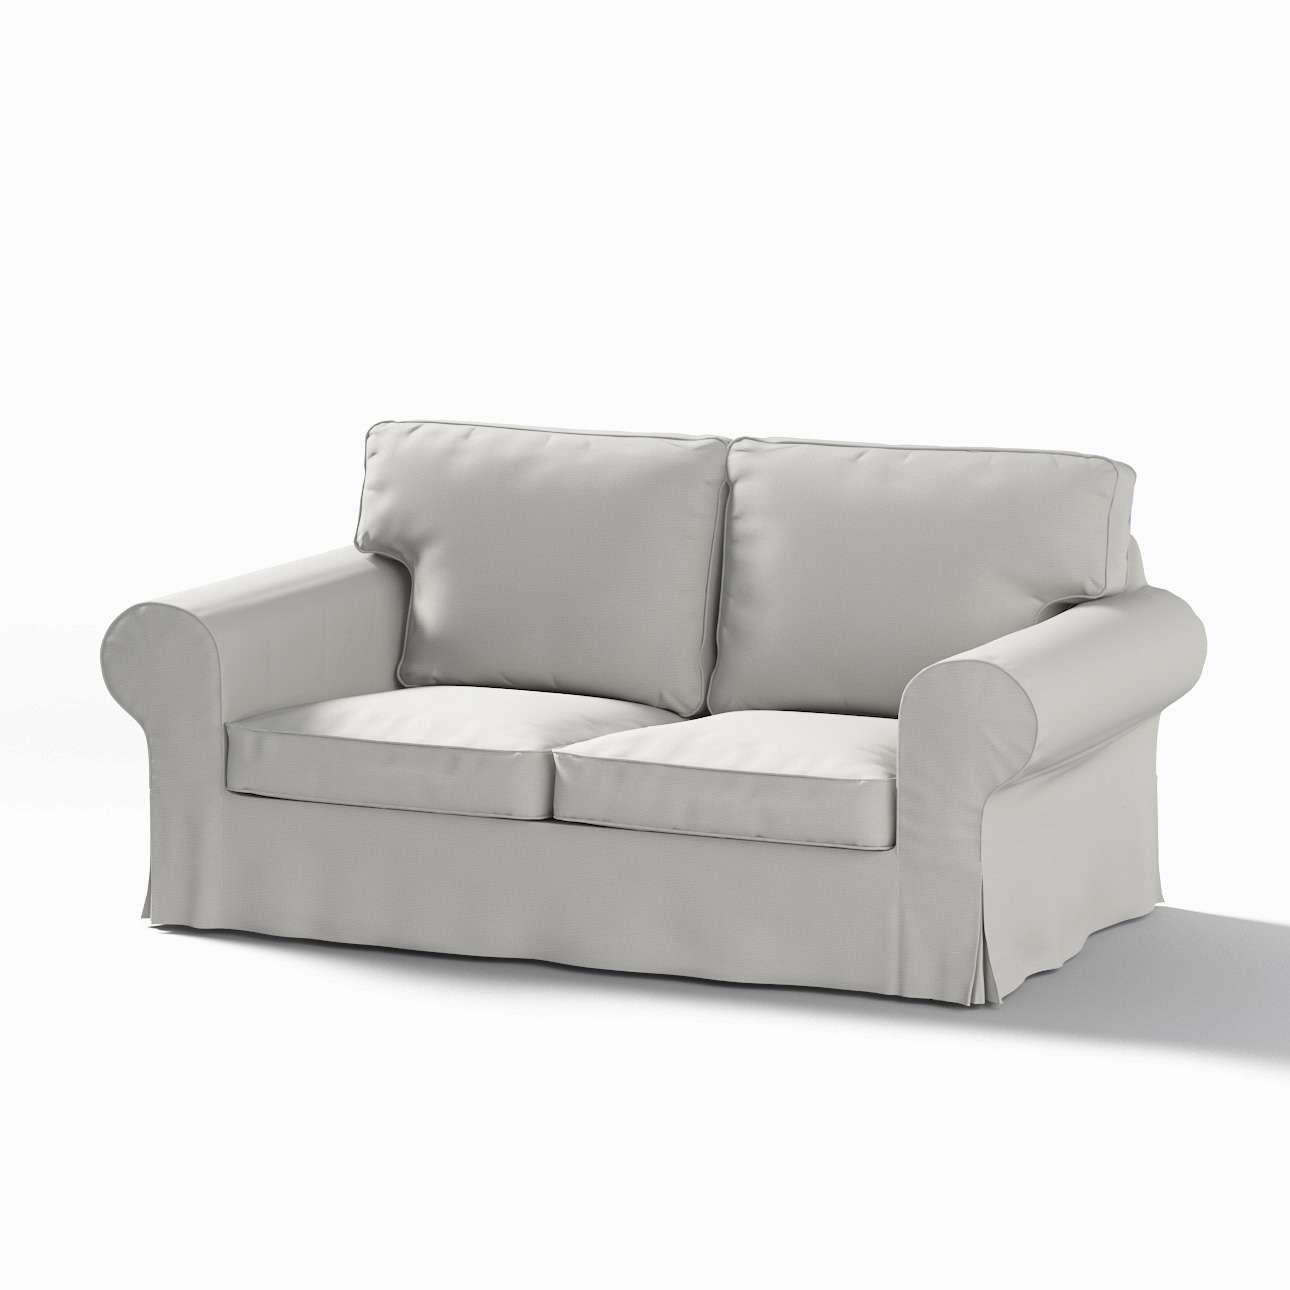 Pokrowiec na sofę Ektorp 2-osobową, rozkładaną STARY MODEL w kolekcji Etna , tkanina: 705-90